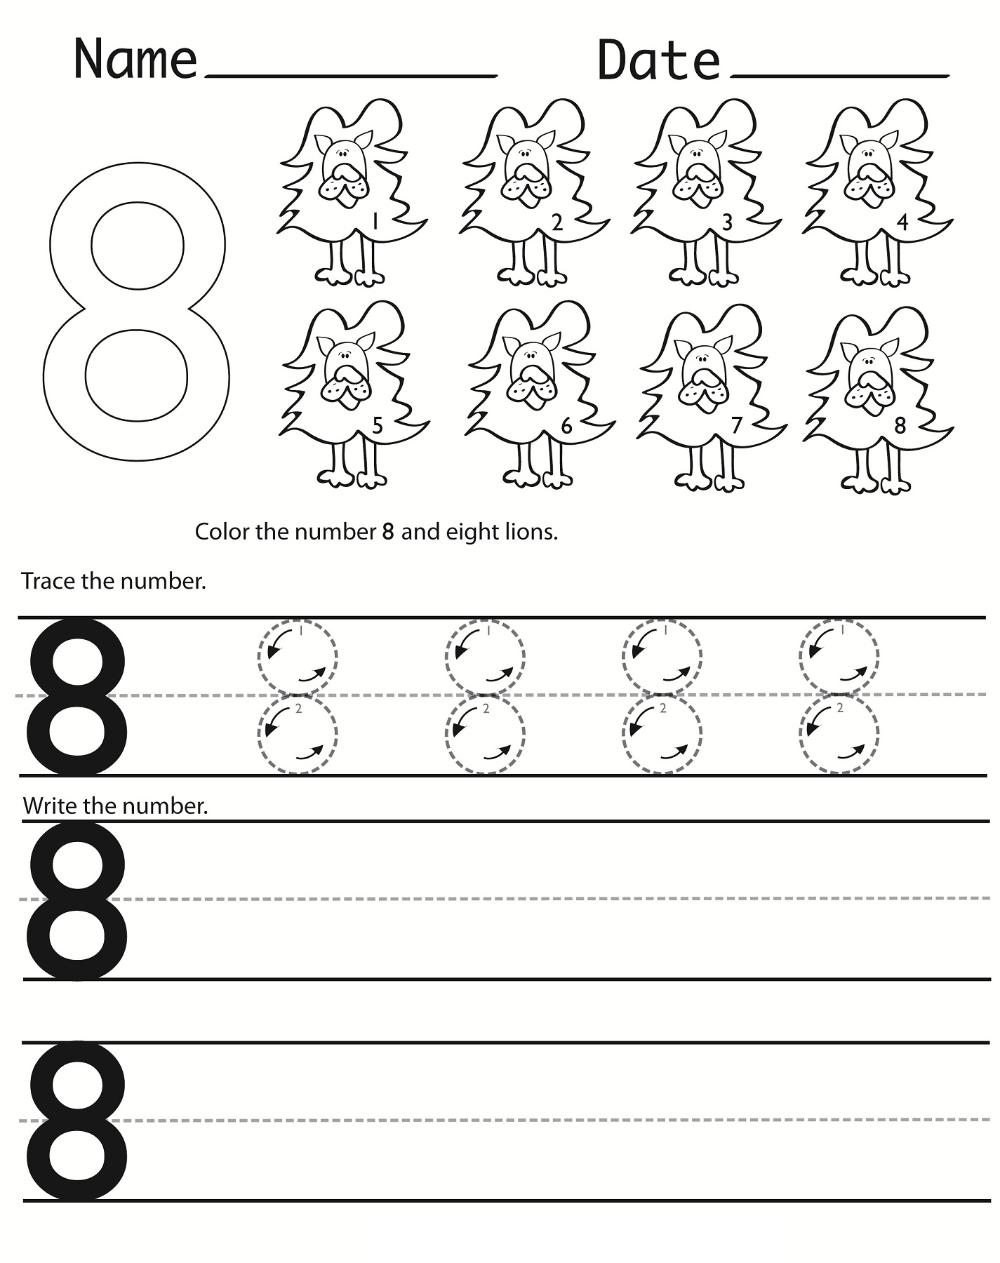 Writing Numbers Worksheets Printable In 2020 Writing Numbers Number Worksheets Math Coloring [ 1263 x 1000 Pixel ]